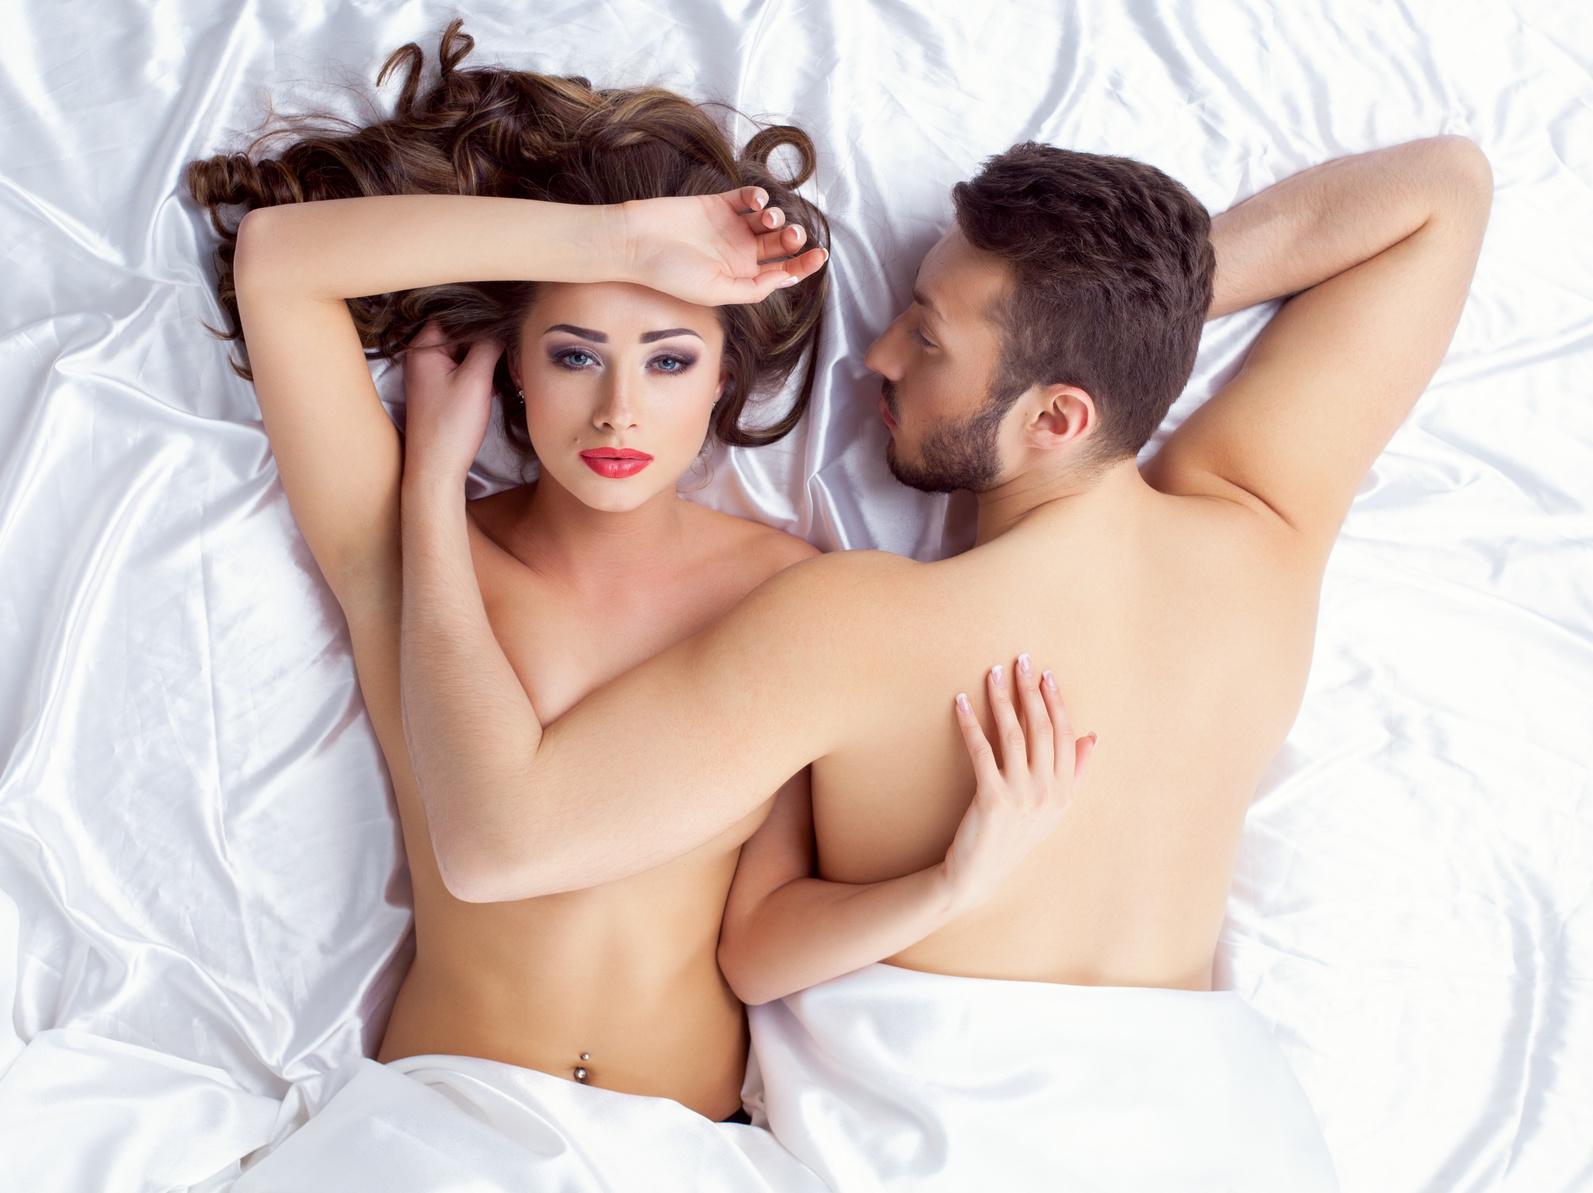 Продолжение рода секс мужа и жены смотреть онлайн 17 фотография